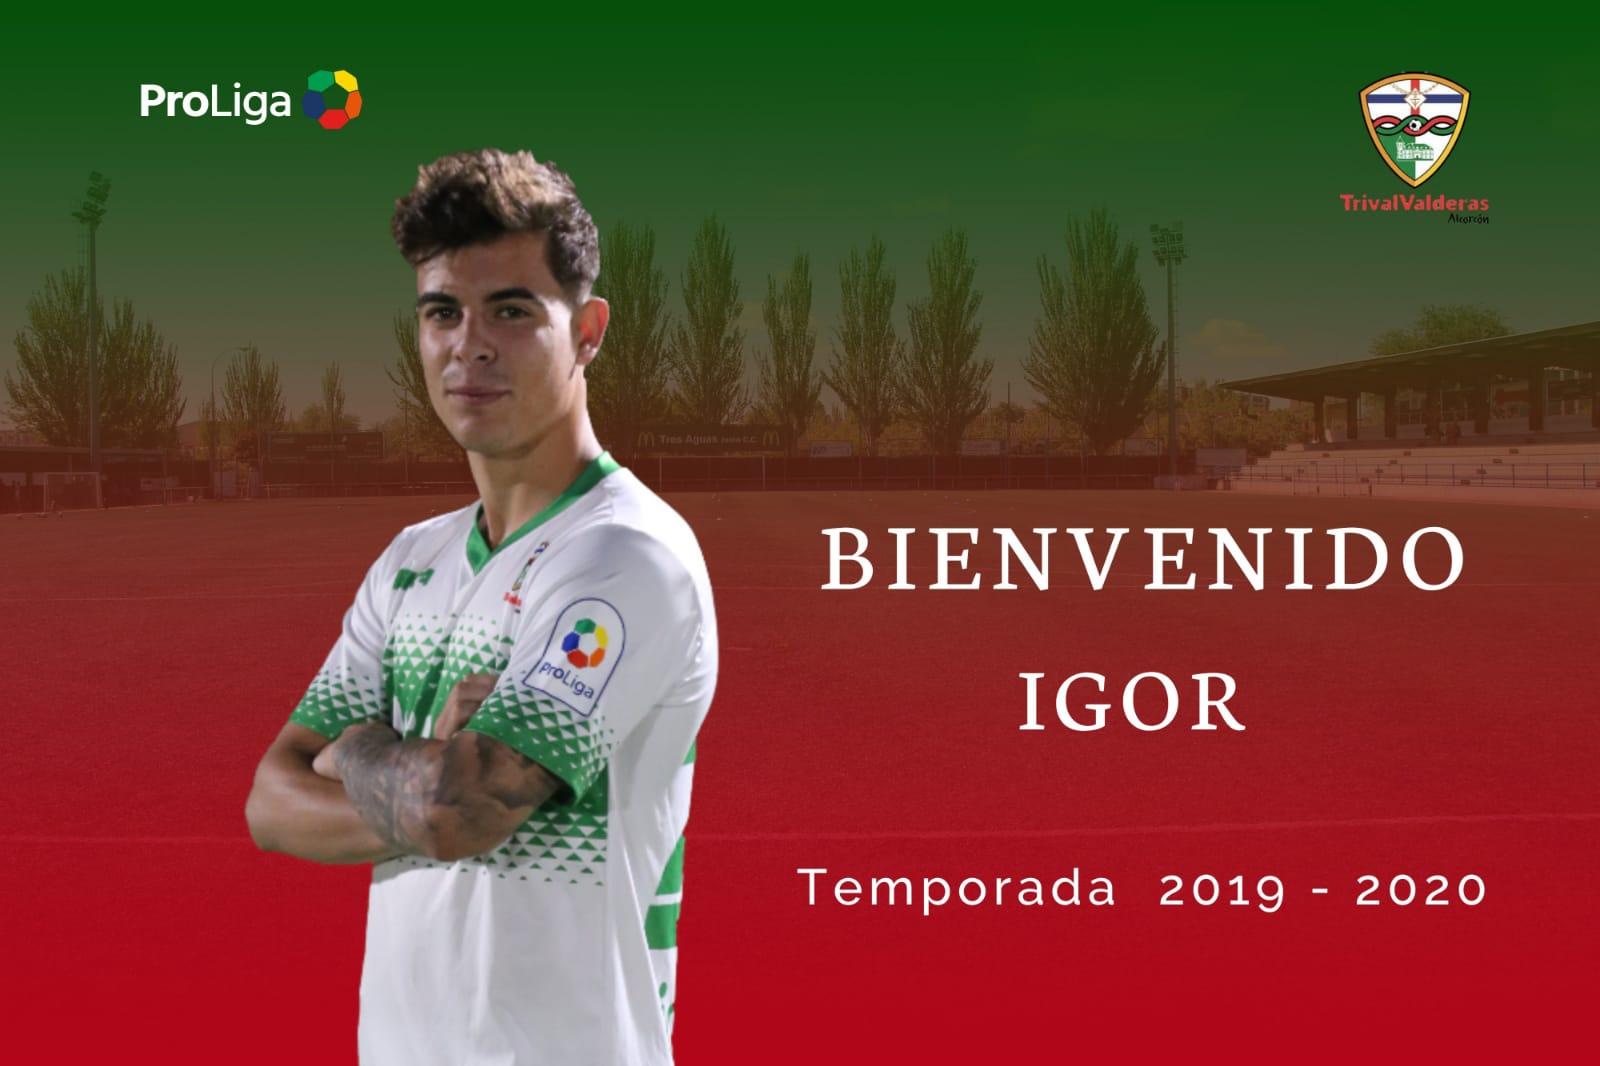 OFICIAL | Igor, nueva incorporación del Primer Equipo